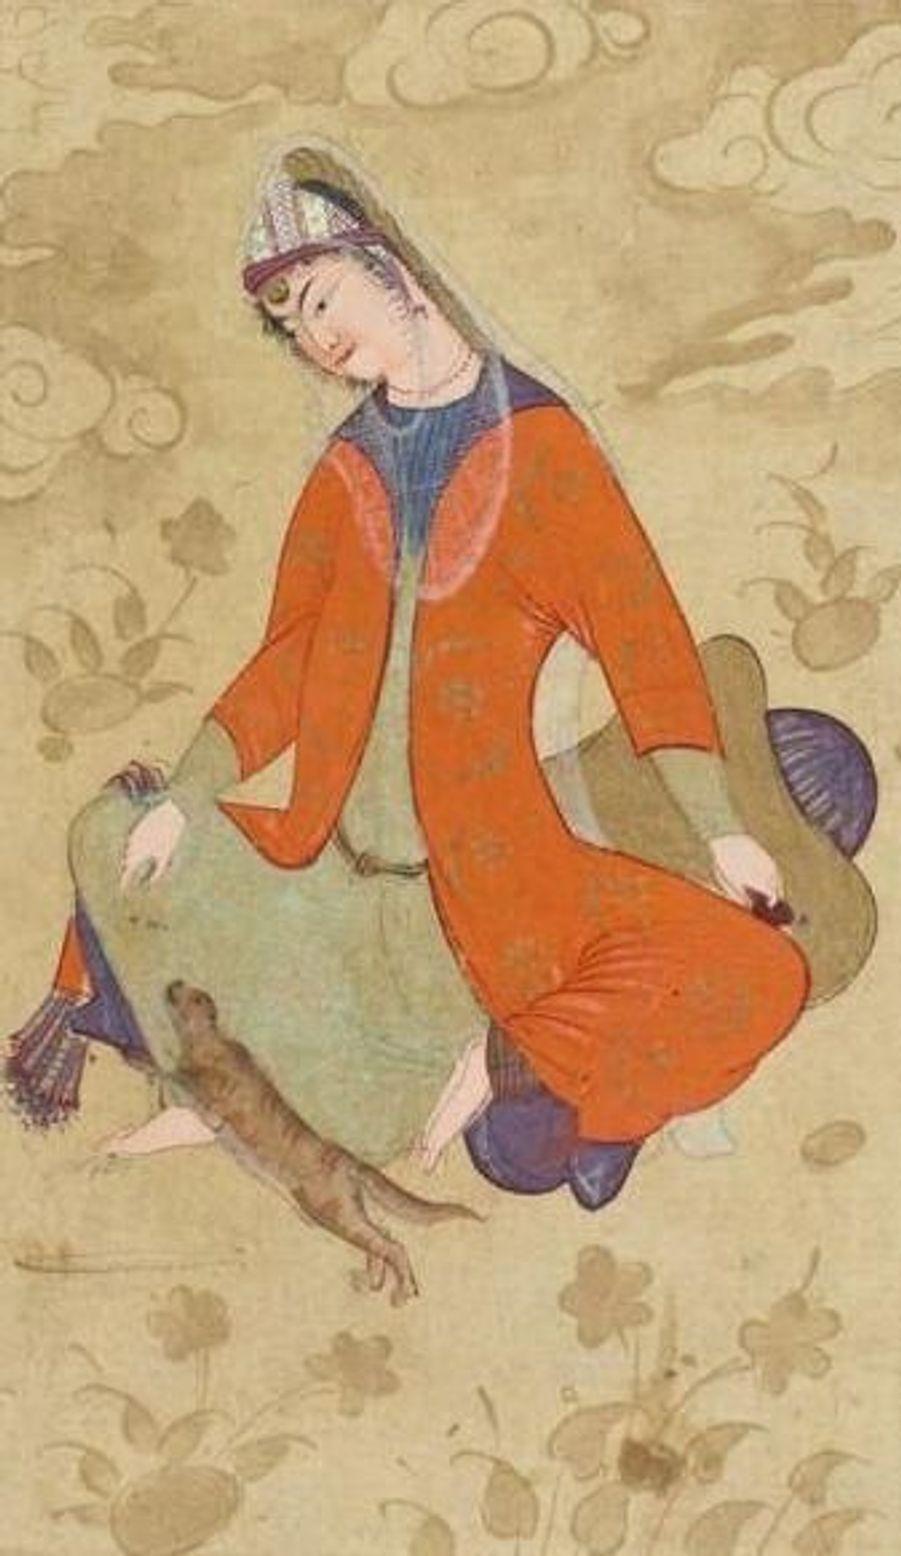 Les Lolcats du Moyen-Age